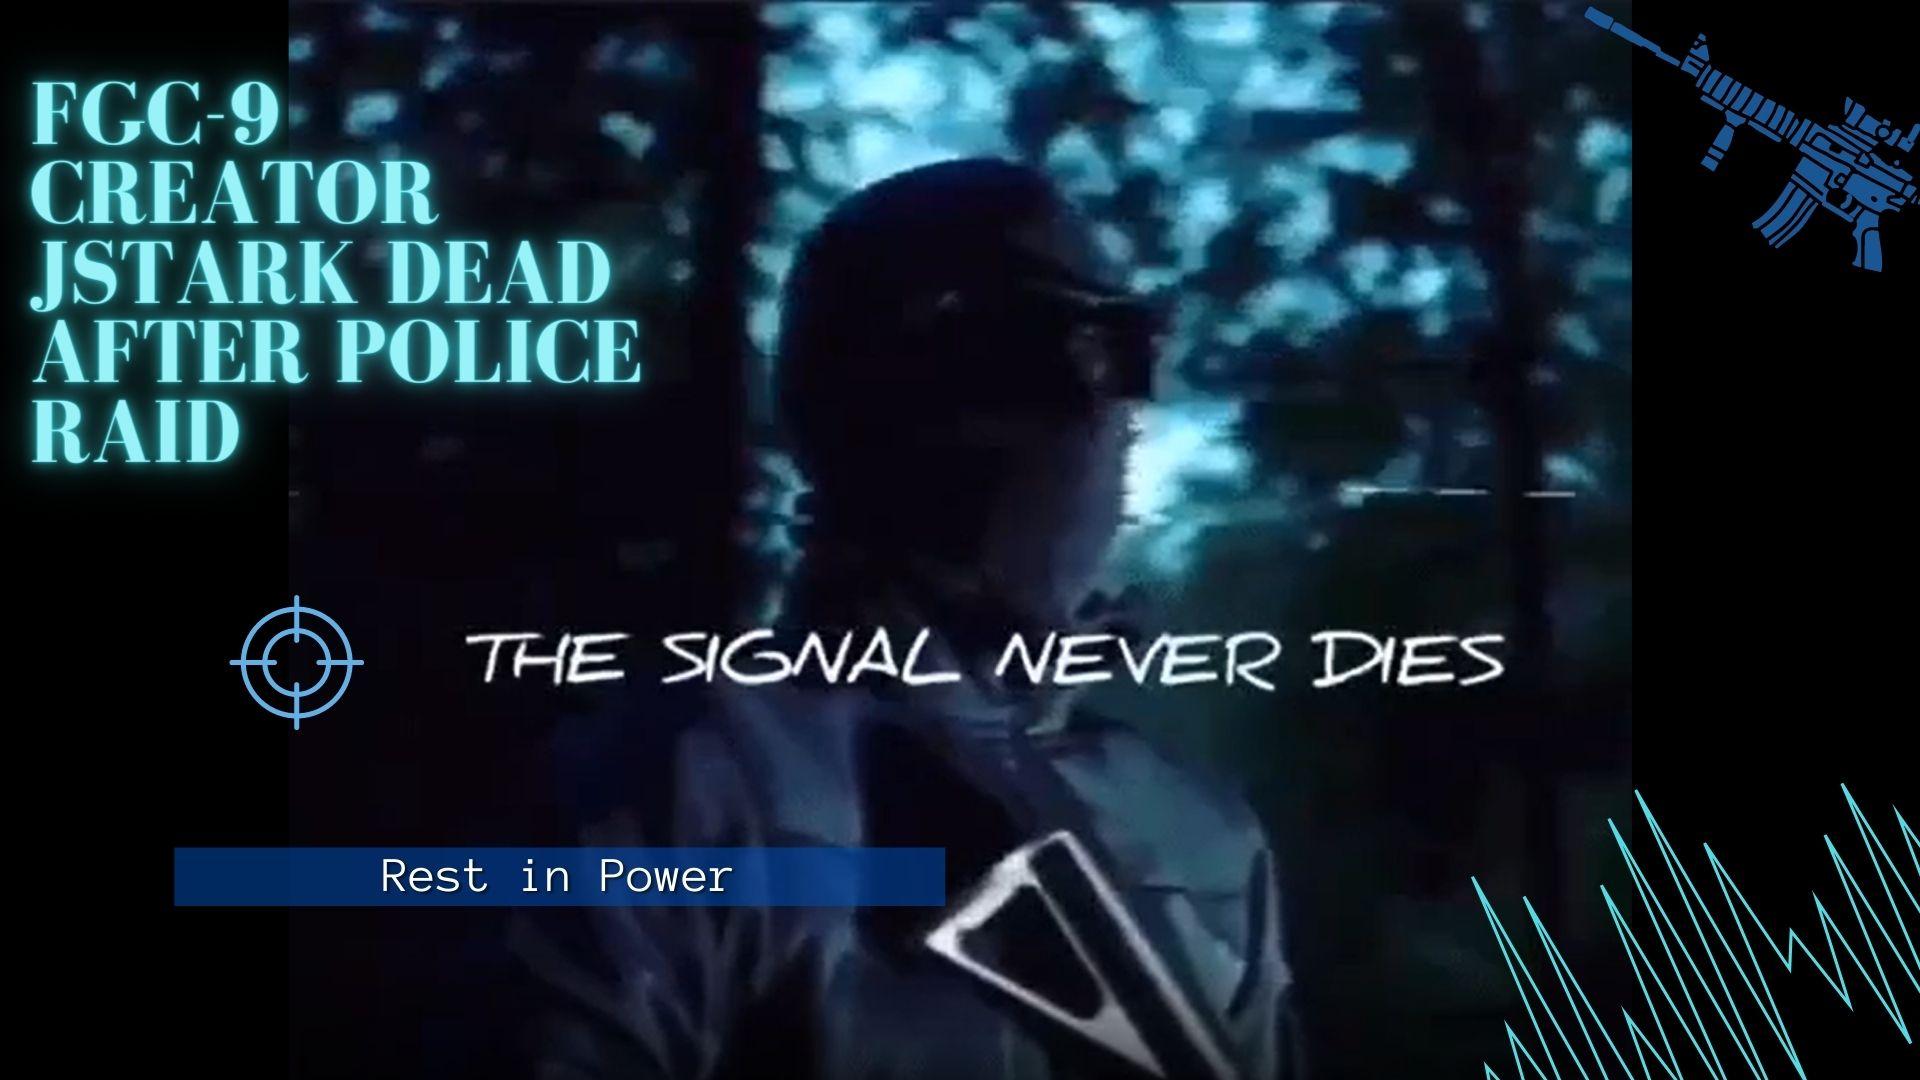 JStark, Designer of FGC-9 3D Printed Gun Dead Two Days After Police Raid